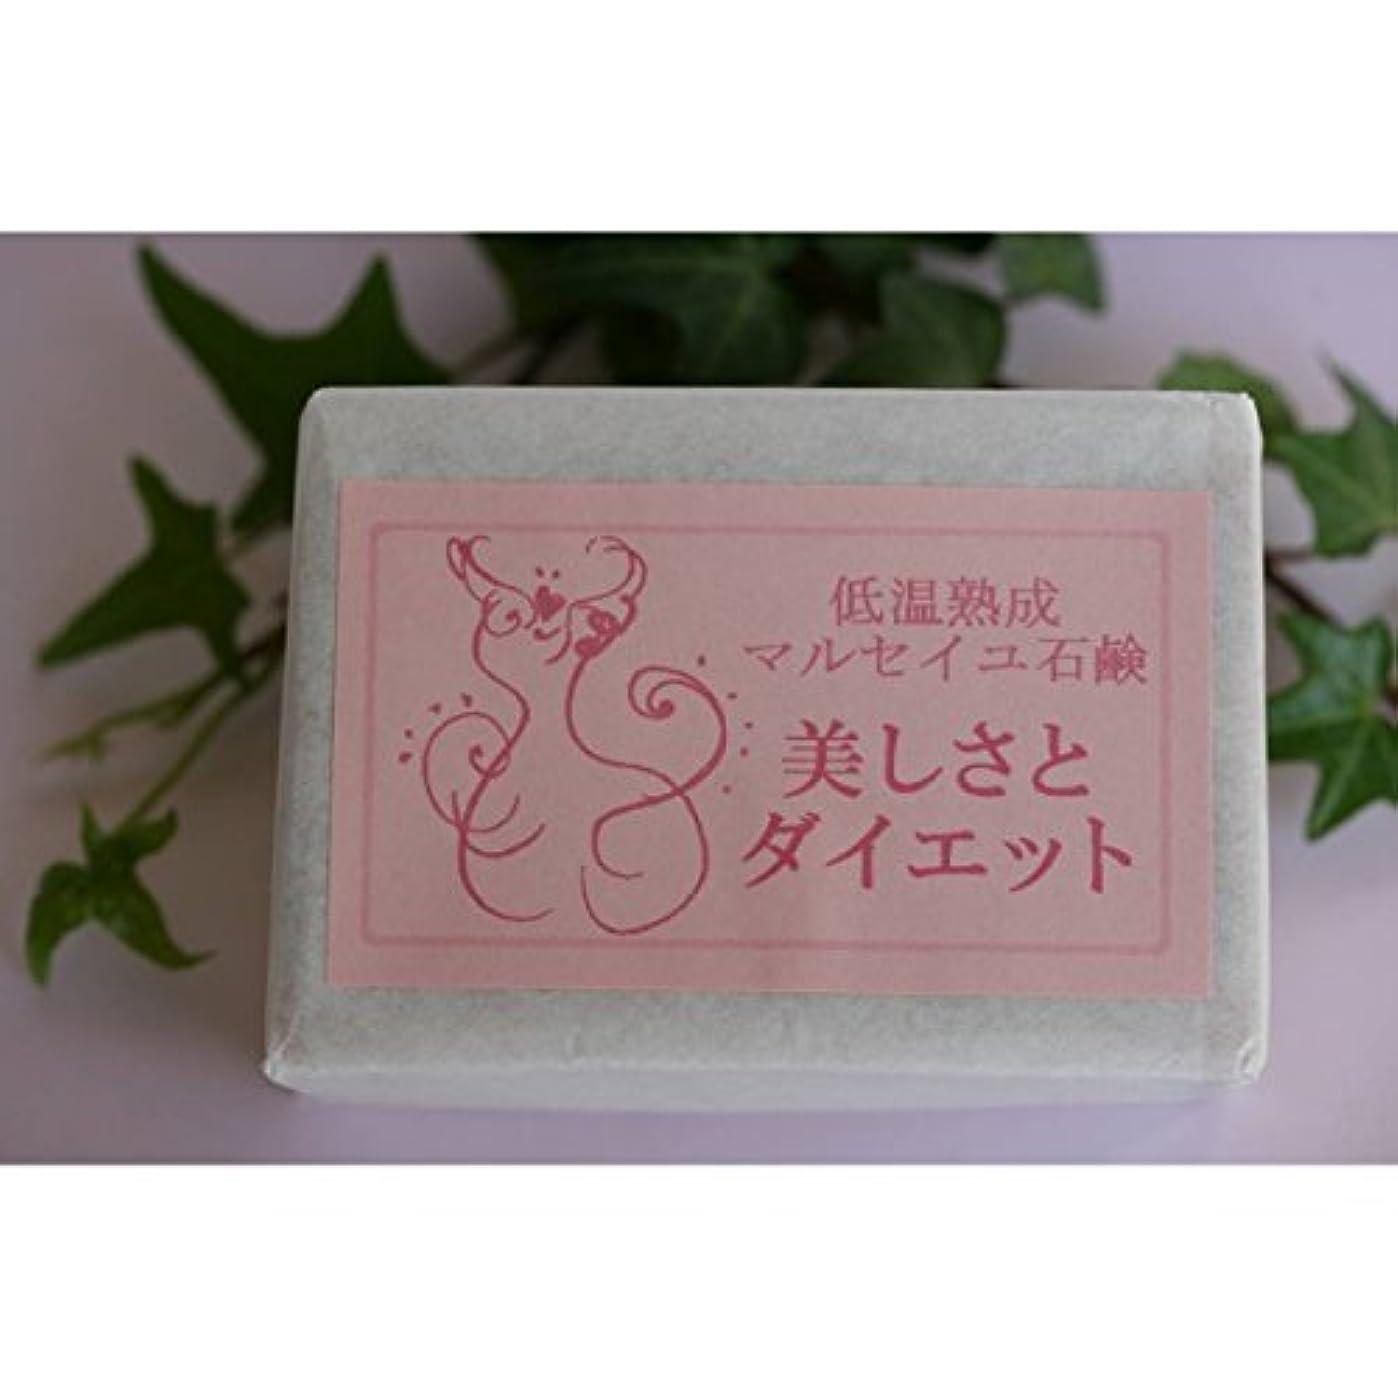 対抗保証するツーリストマウントフジ フラワーエッセンス 低温熟成 マルセイユ石鹸 美しさとダイエット (MTFUJI FLOWER ESSENCES)